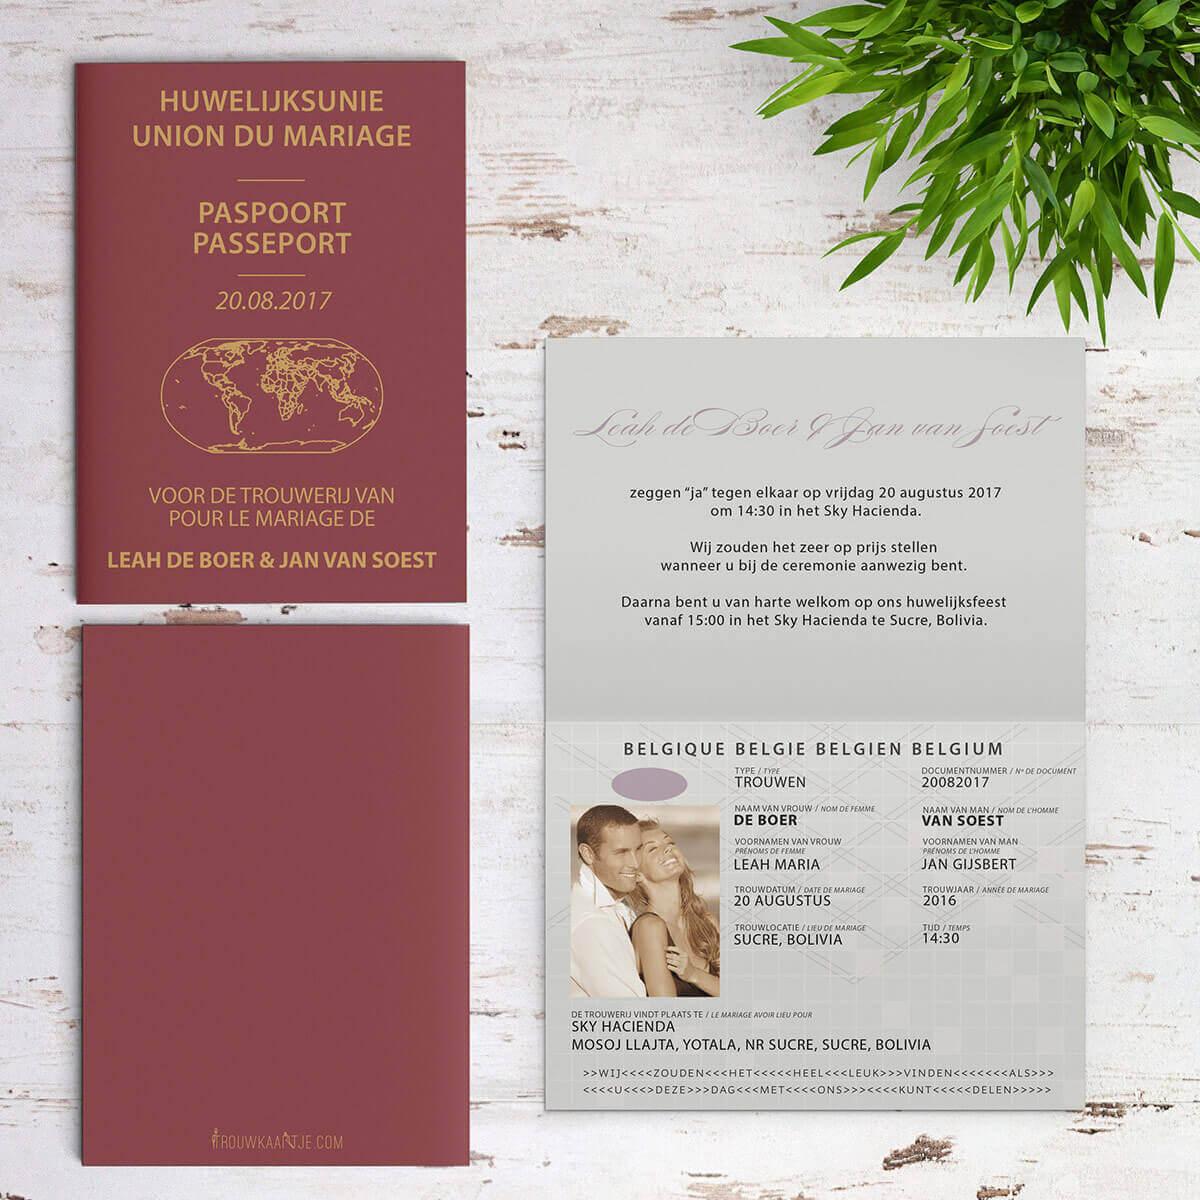 Trouwkaart Paspoort heeft ook een Belgische versie